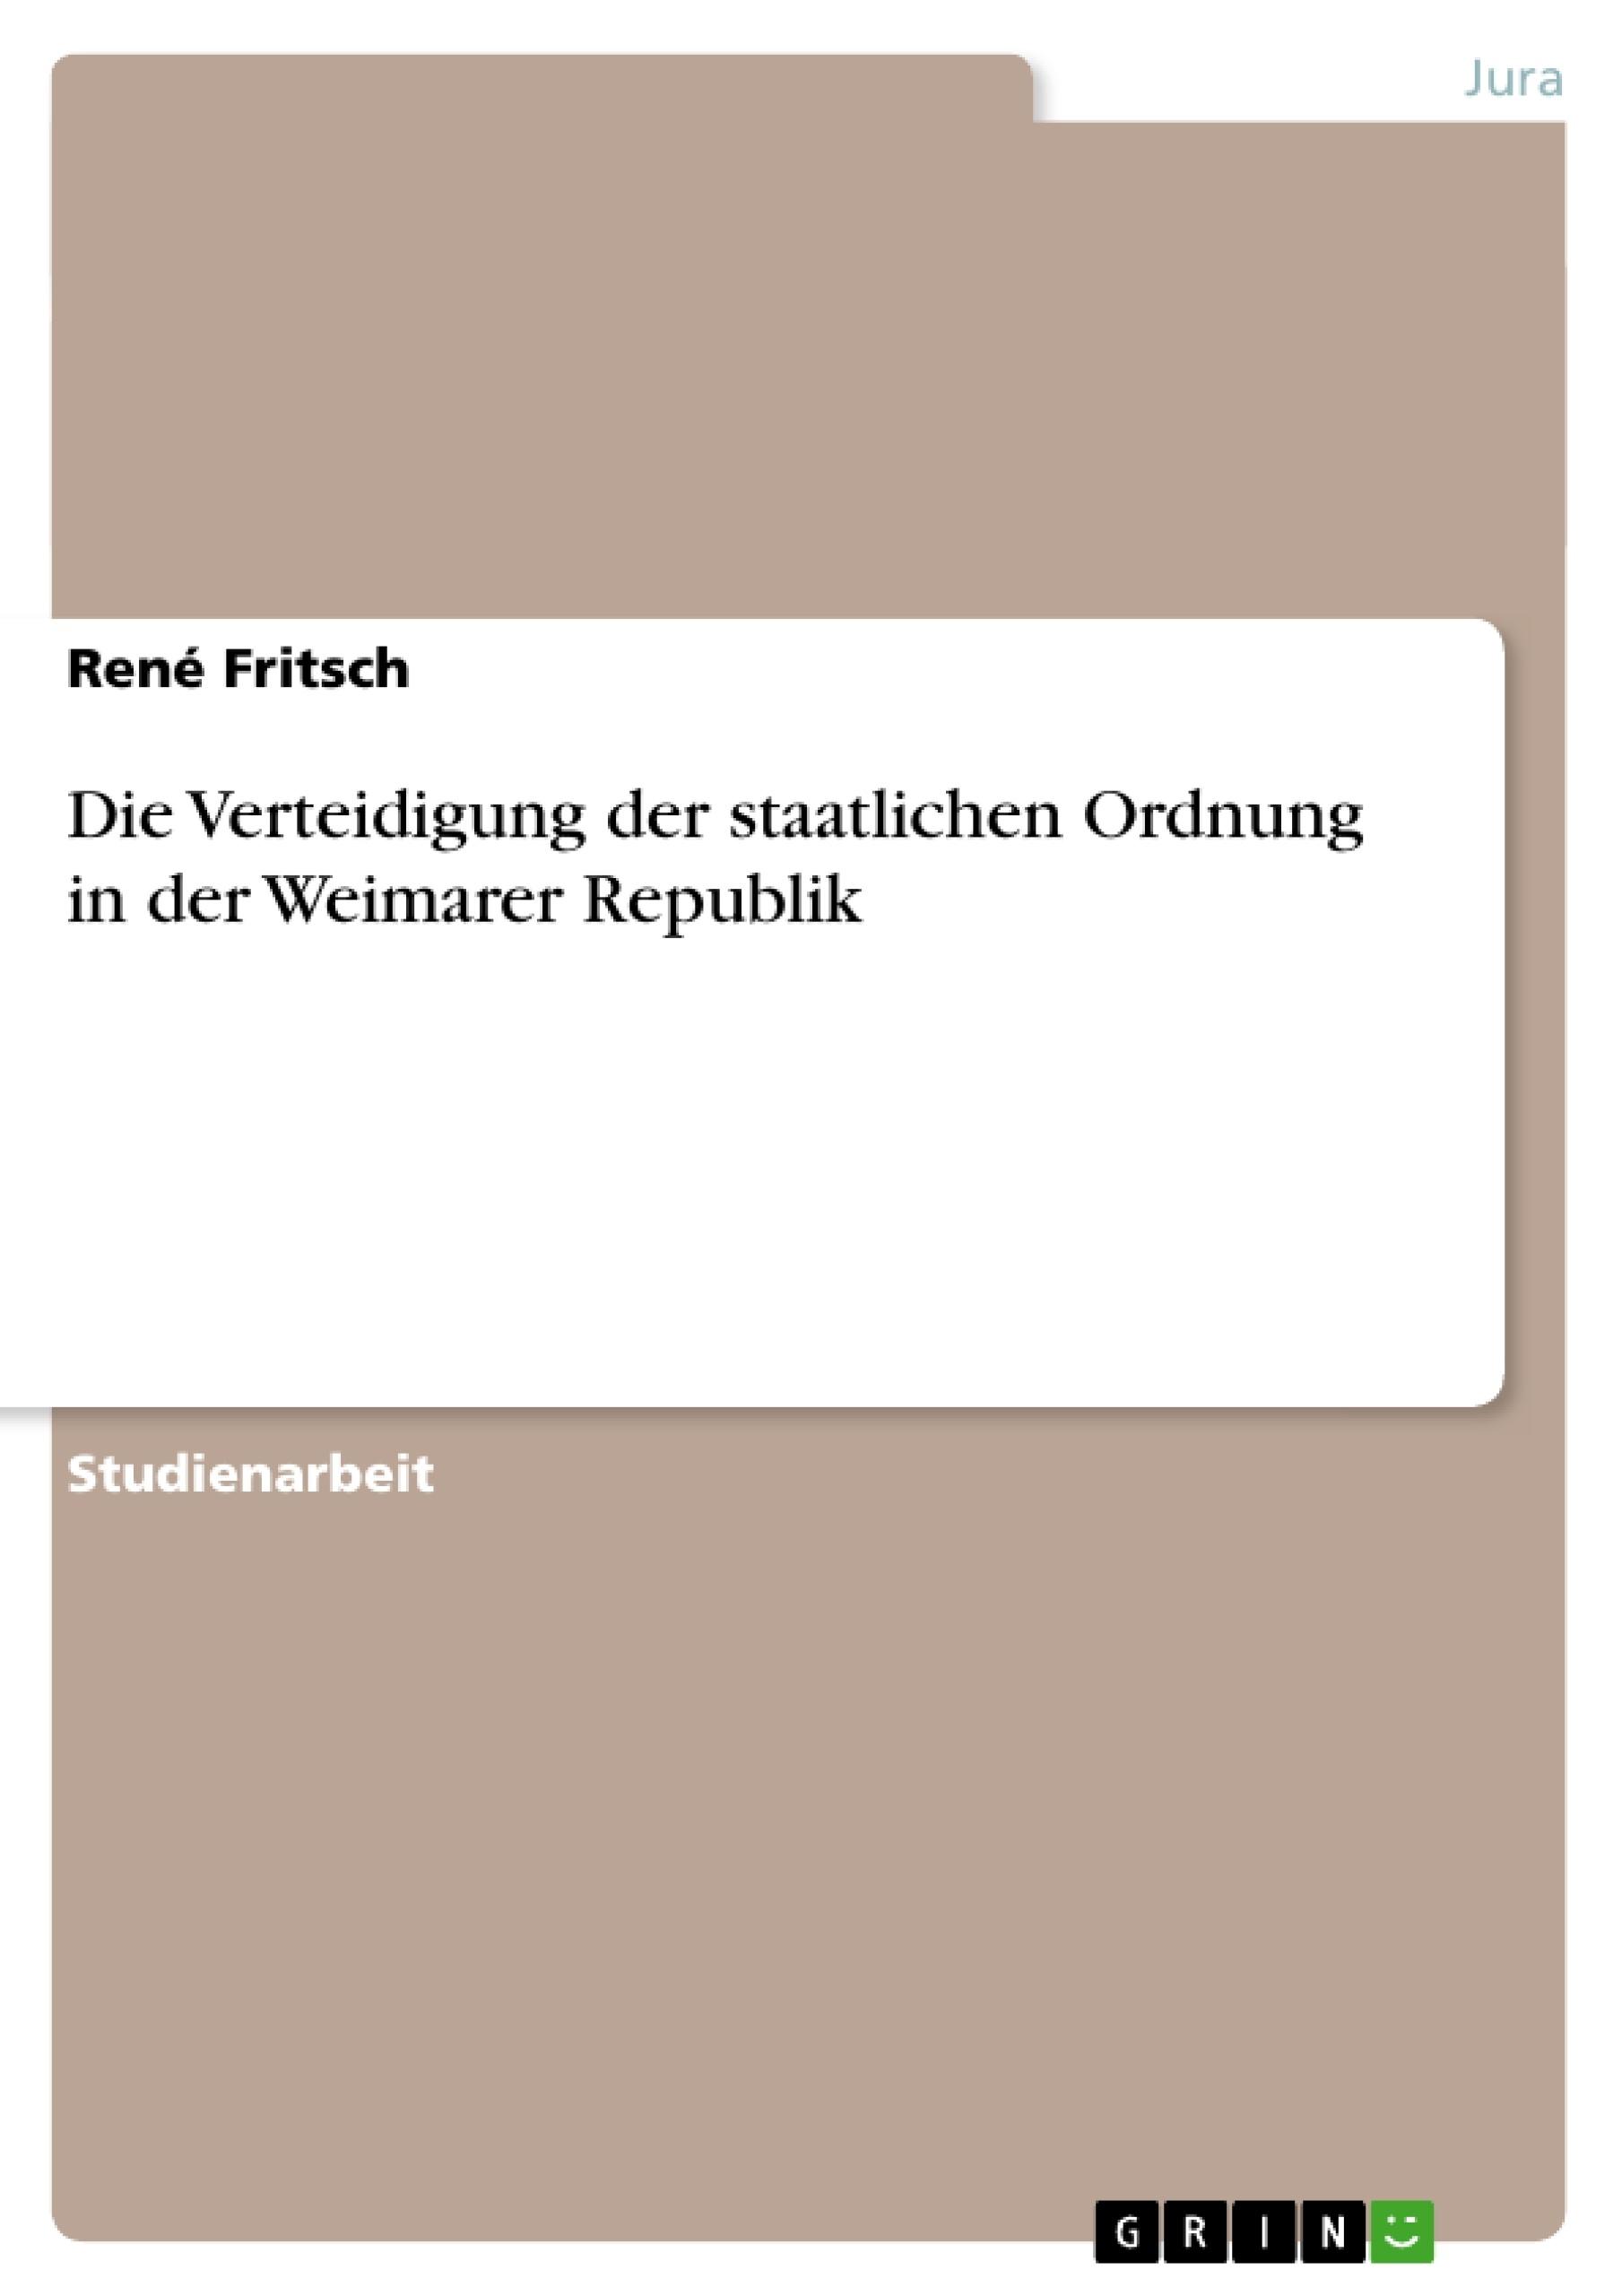 Titel: Die Verteidigung der staatlichen Ordnung in der Weimarer Republik